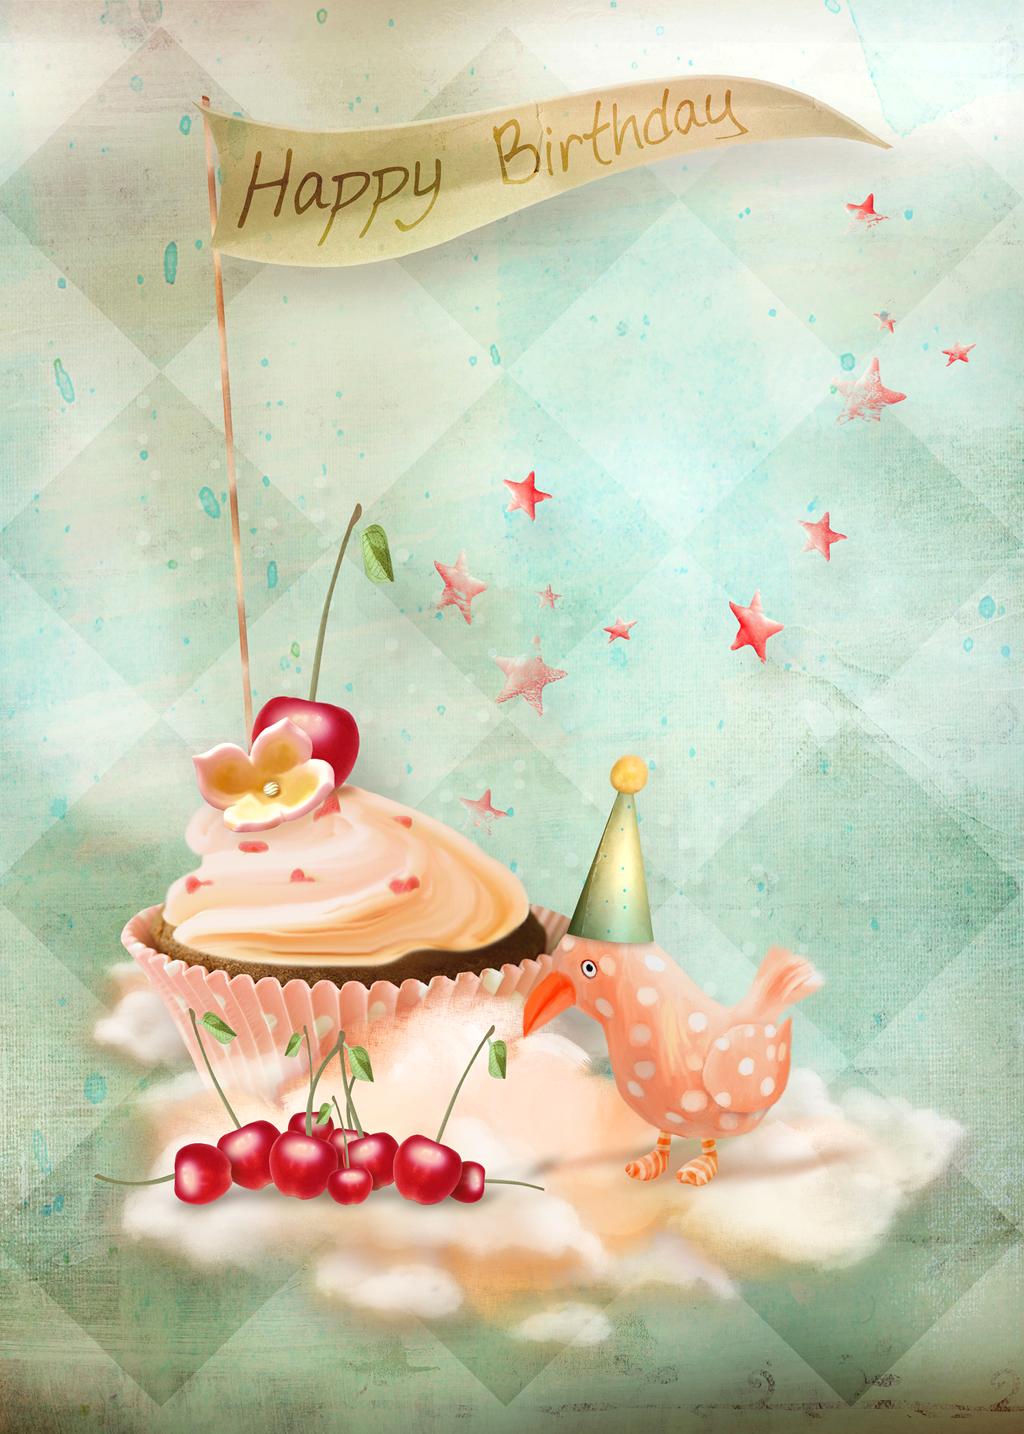 Акварельный фон для открытки с днем рождения